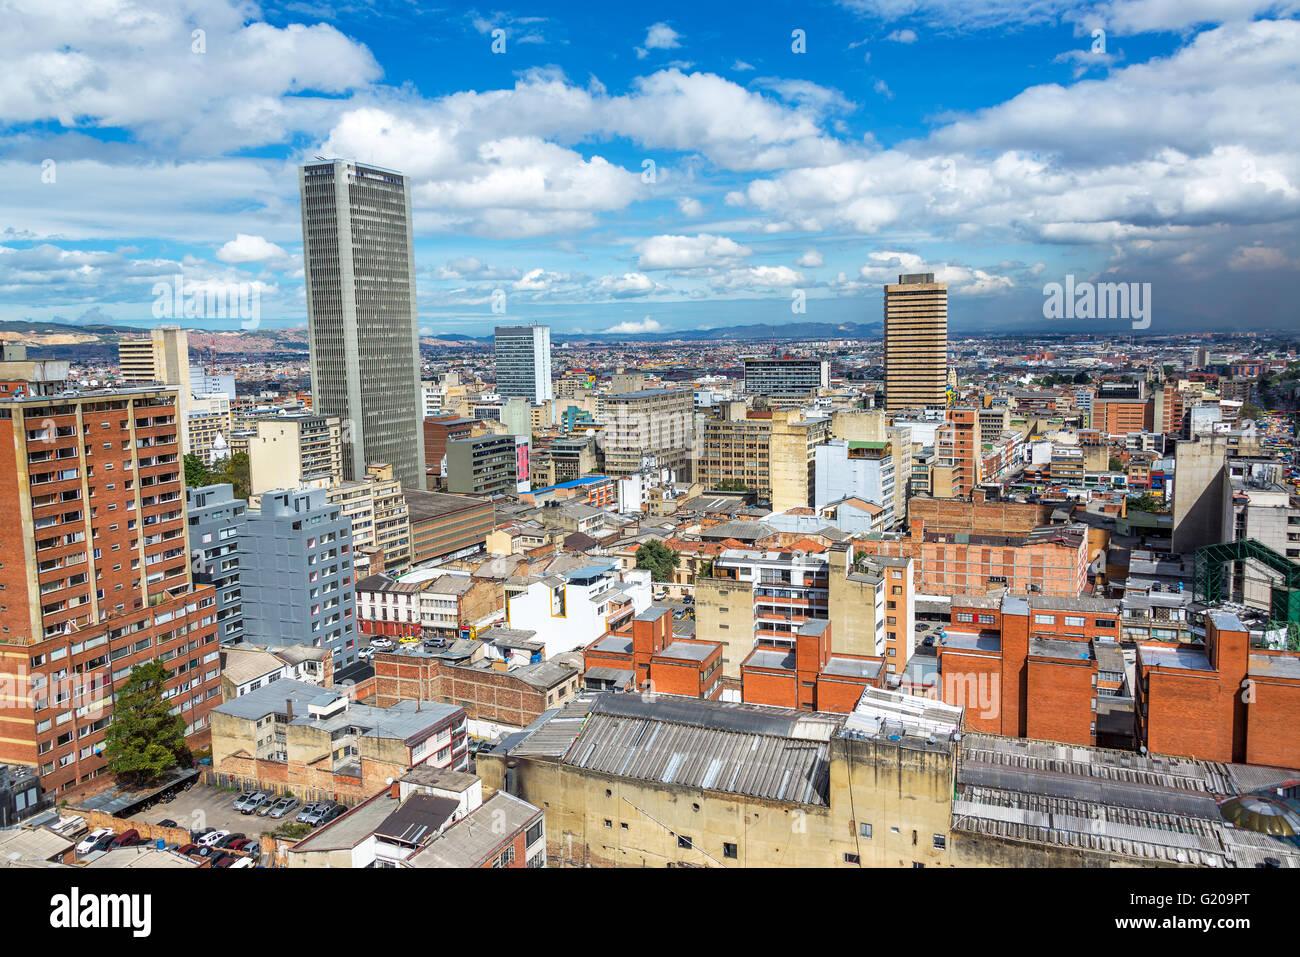 Vista del paisaje urbano de la ciudad de Bogotá, Colombia Imagen De Stock